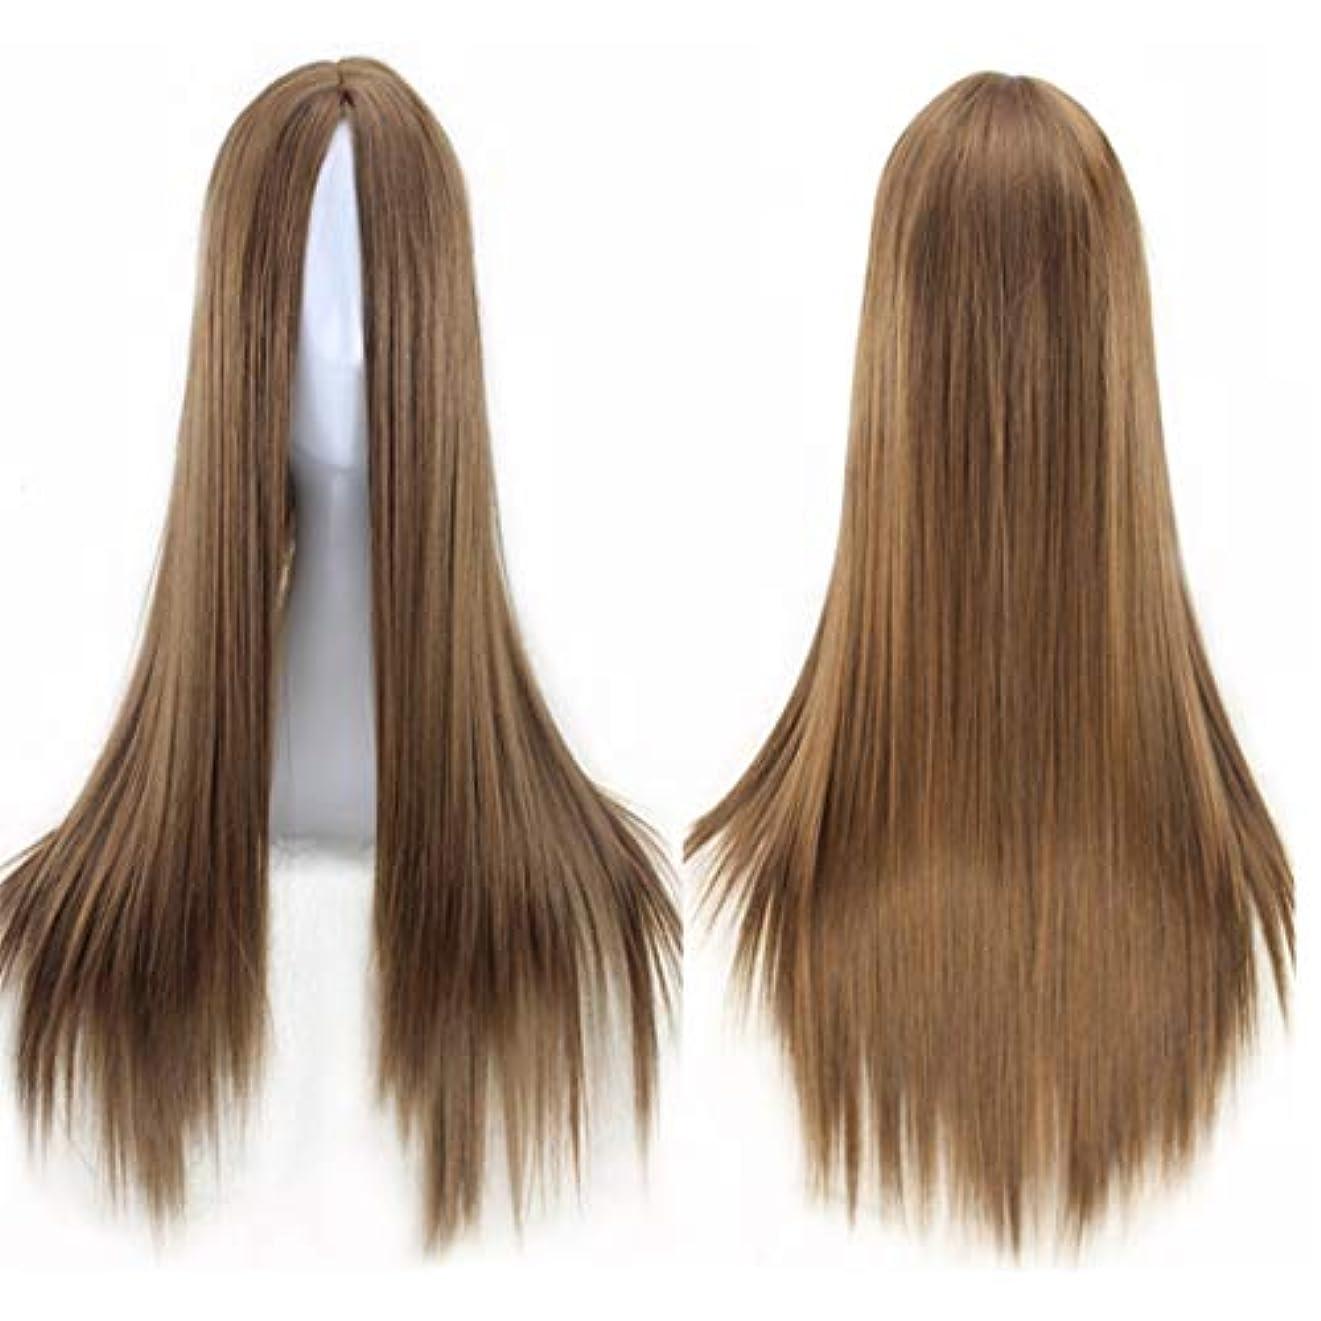 にやにや保証Kerwinner ミドルの前髪のかつら耐熱ウィッグ65 cmのロングストレートウィッグの人々のためのパーティーパフォーマンスカラーウィッグ(マルチカラー) (Color : Light brown)